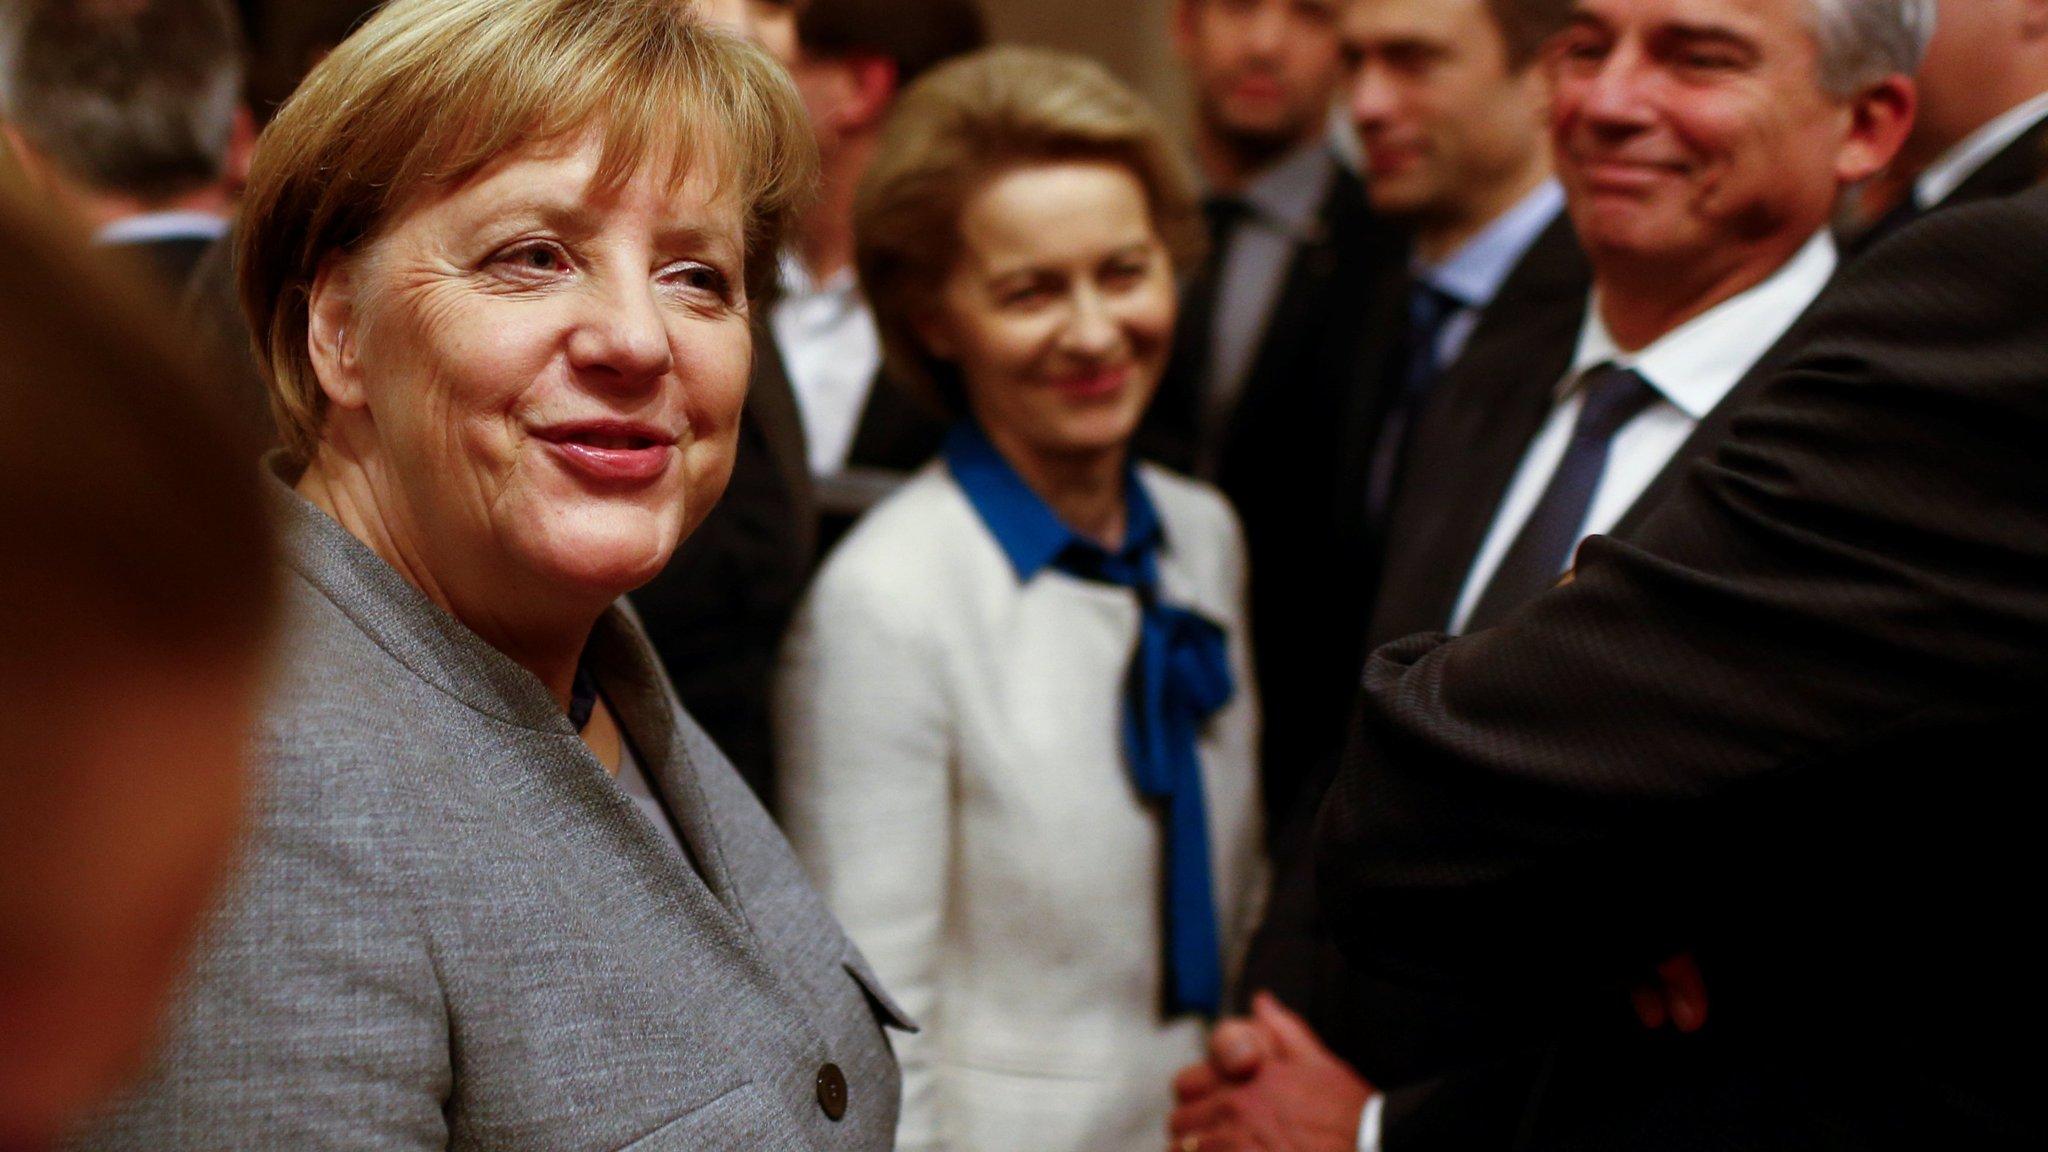 A wobbly Merkel means a weaker Europe